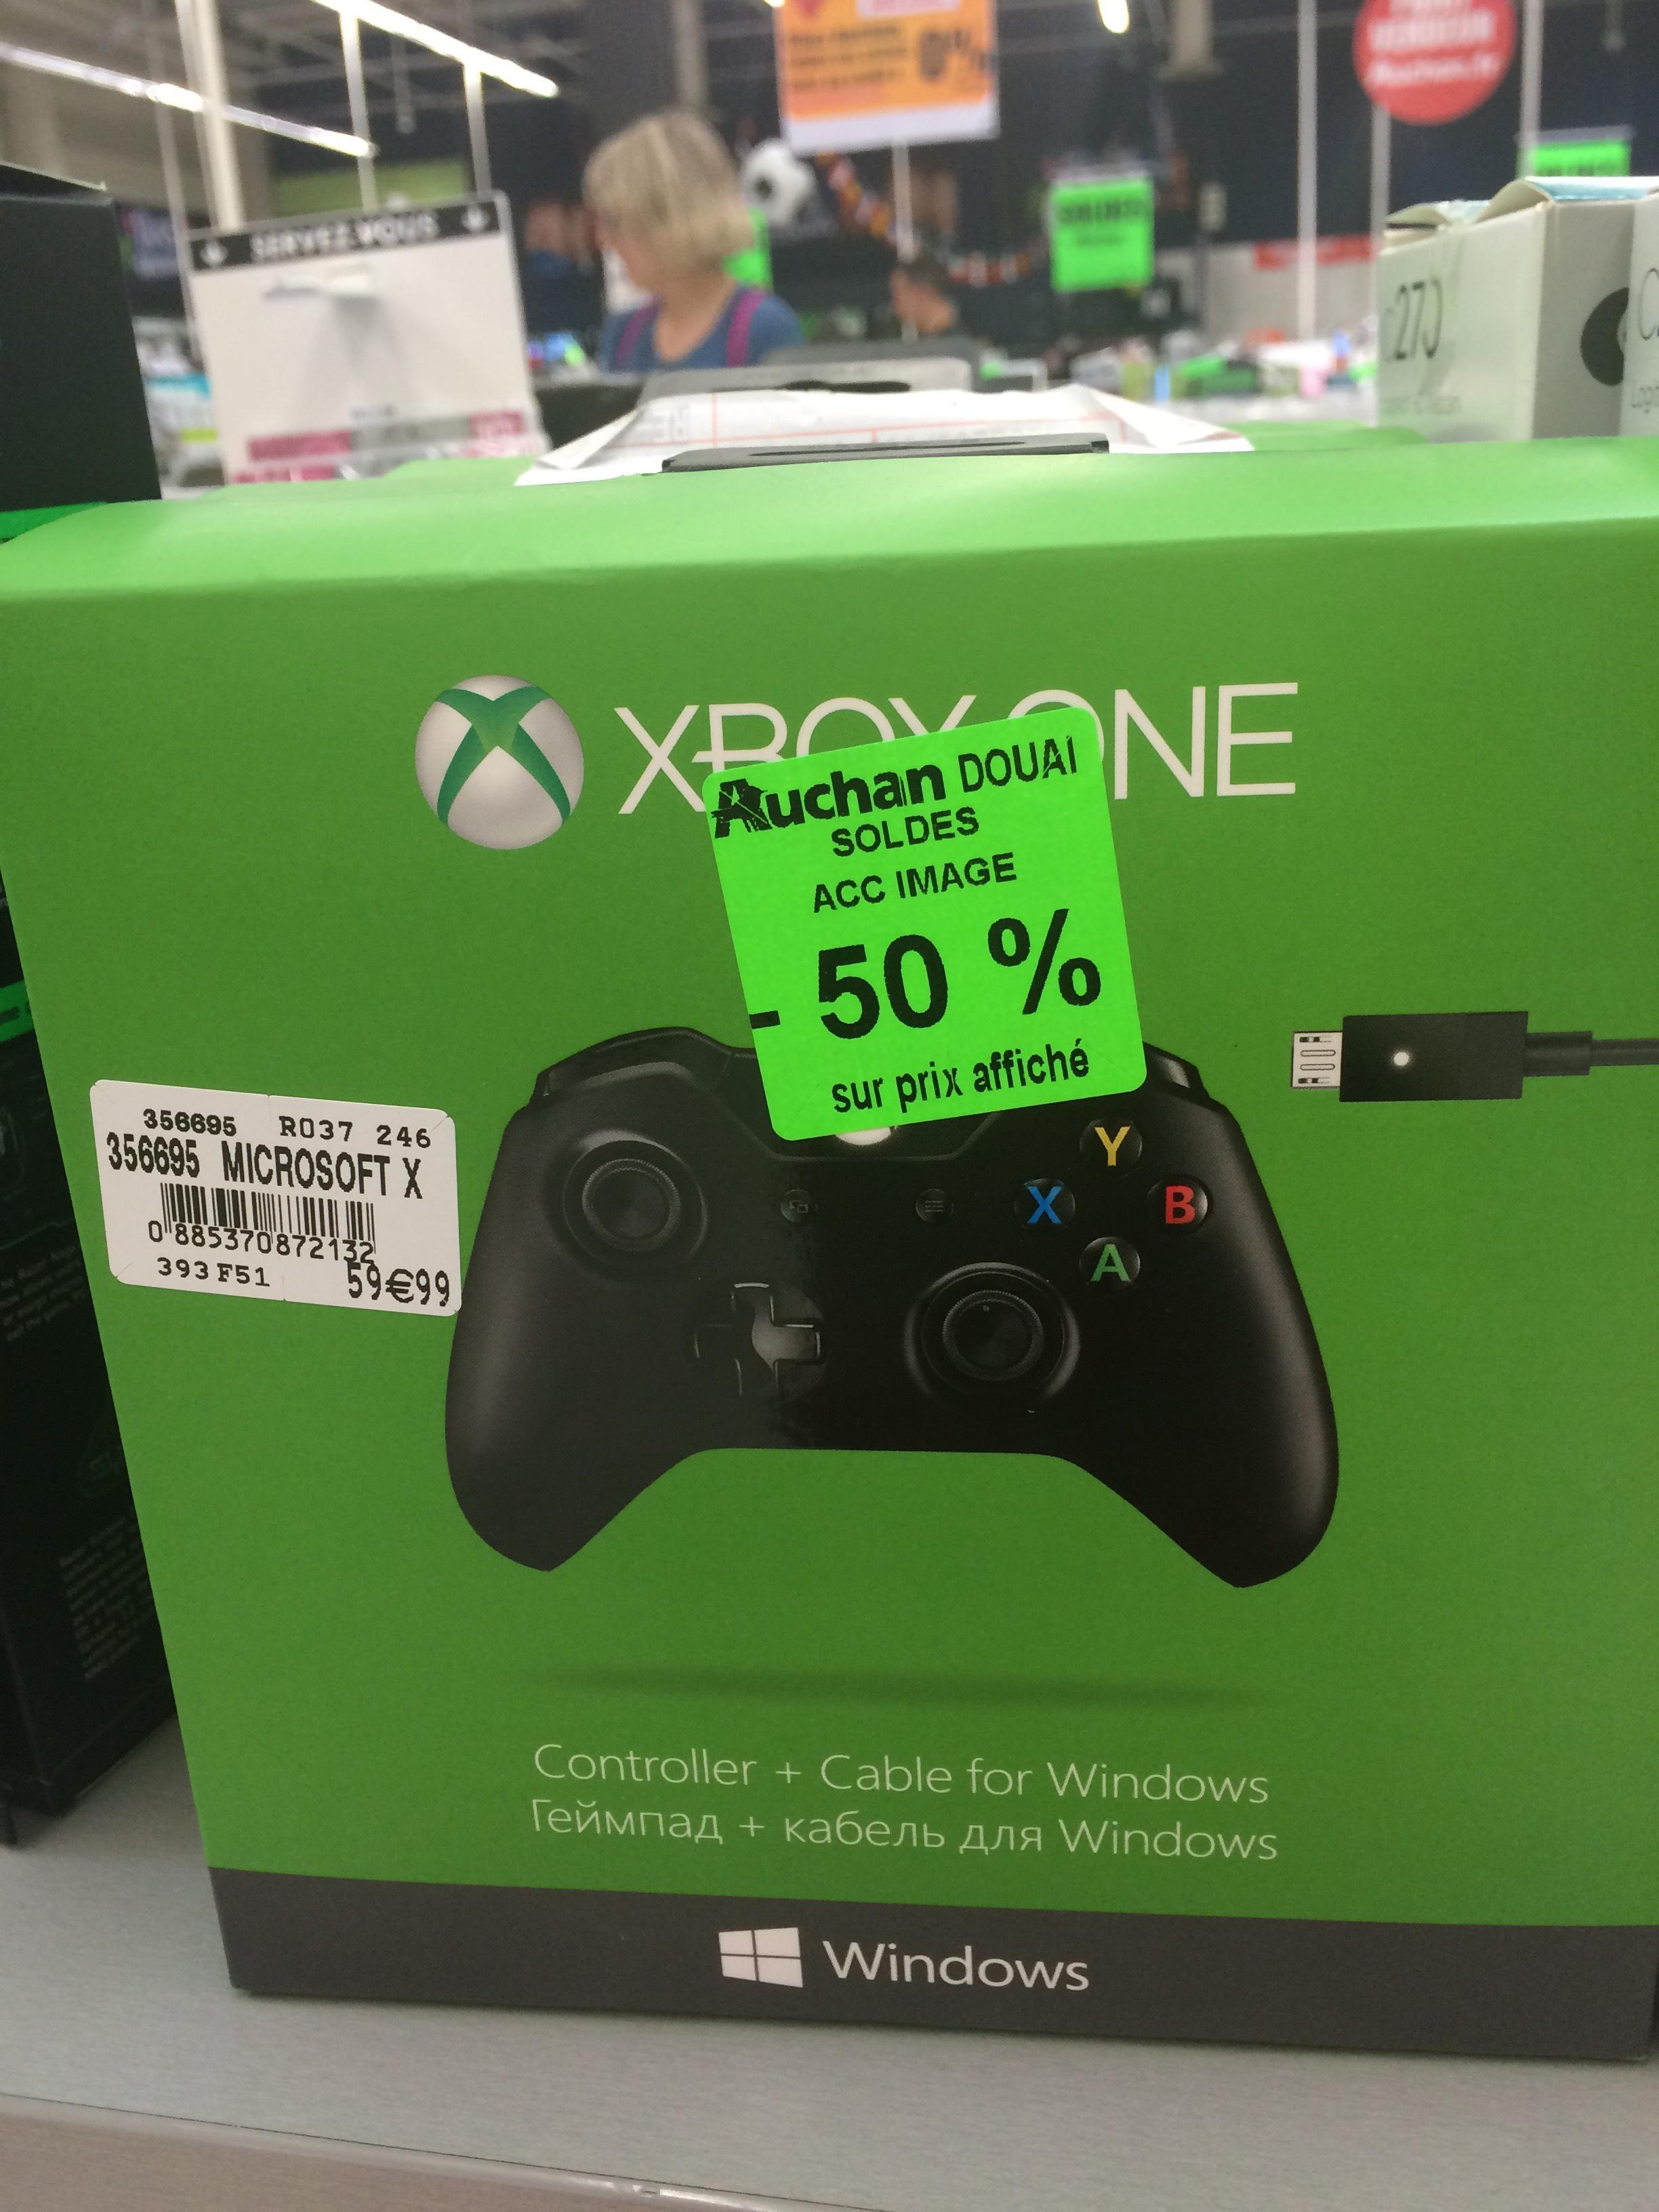 Manette Microsoft pour Xbox one et pc